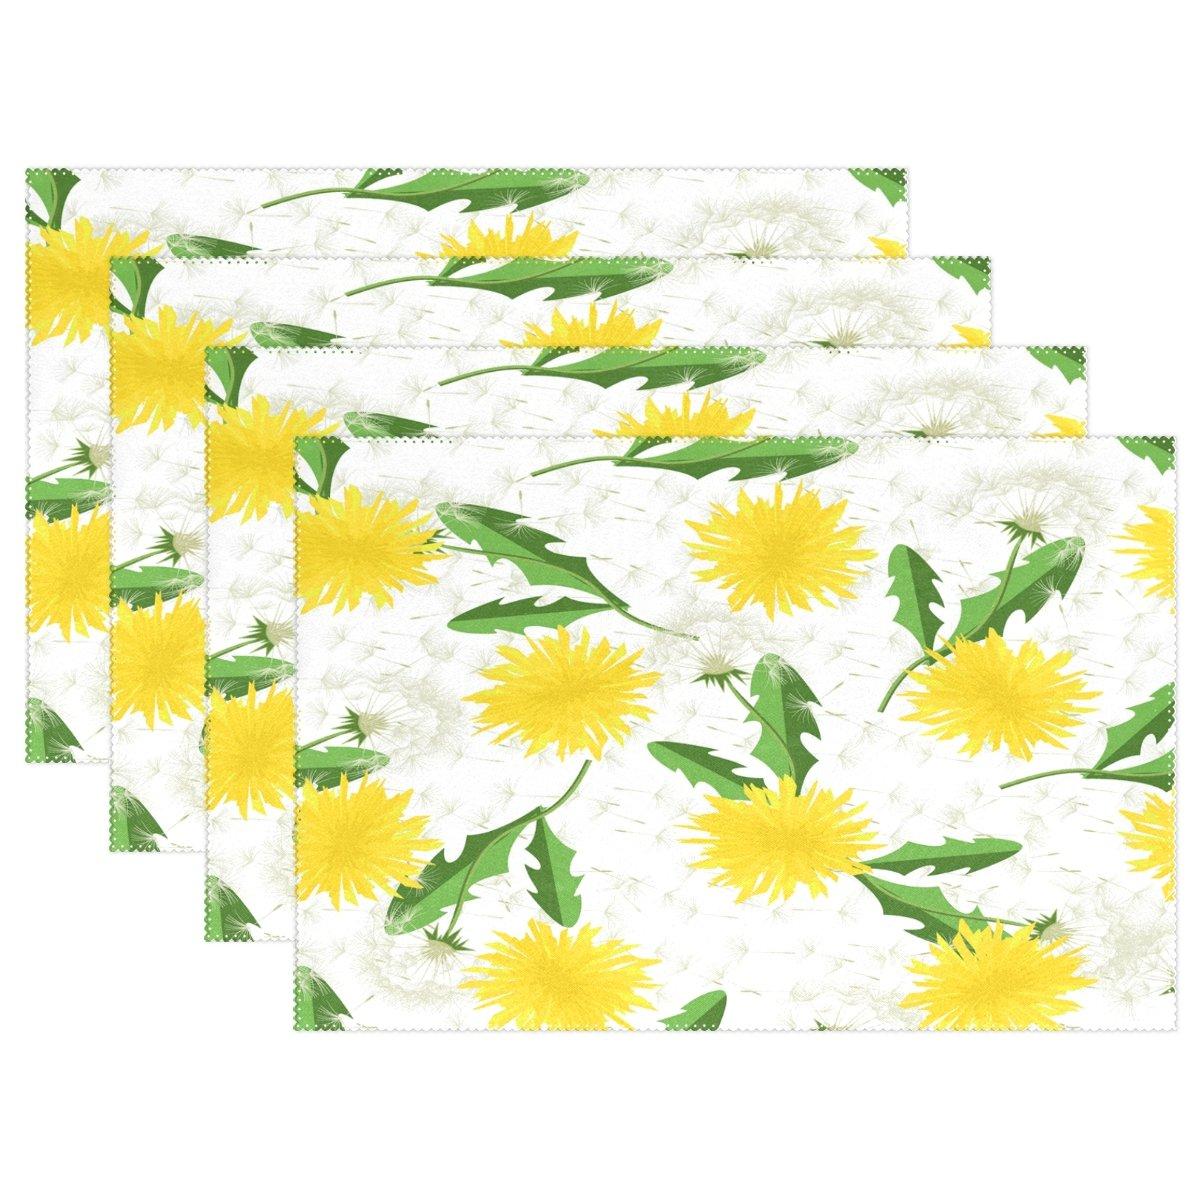 Use7 Tischset mit Pusteblumen-Motiv, 30,5 x 45,7 cm, Polyester, für Küche und Esszimmer, Gelb, Polyester, Multi, Package Quantity: 6